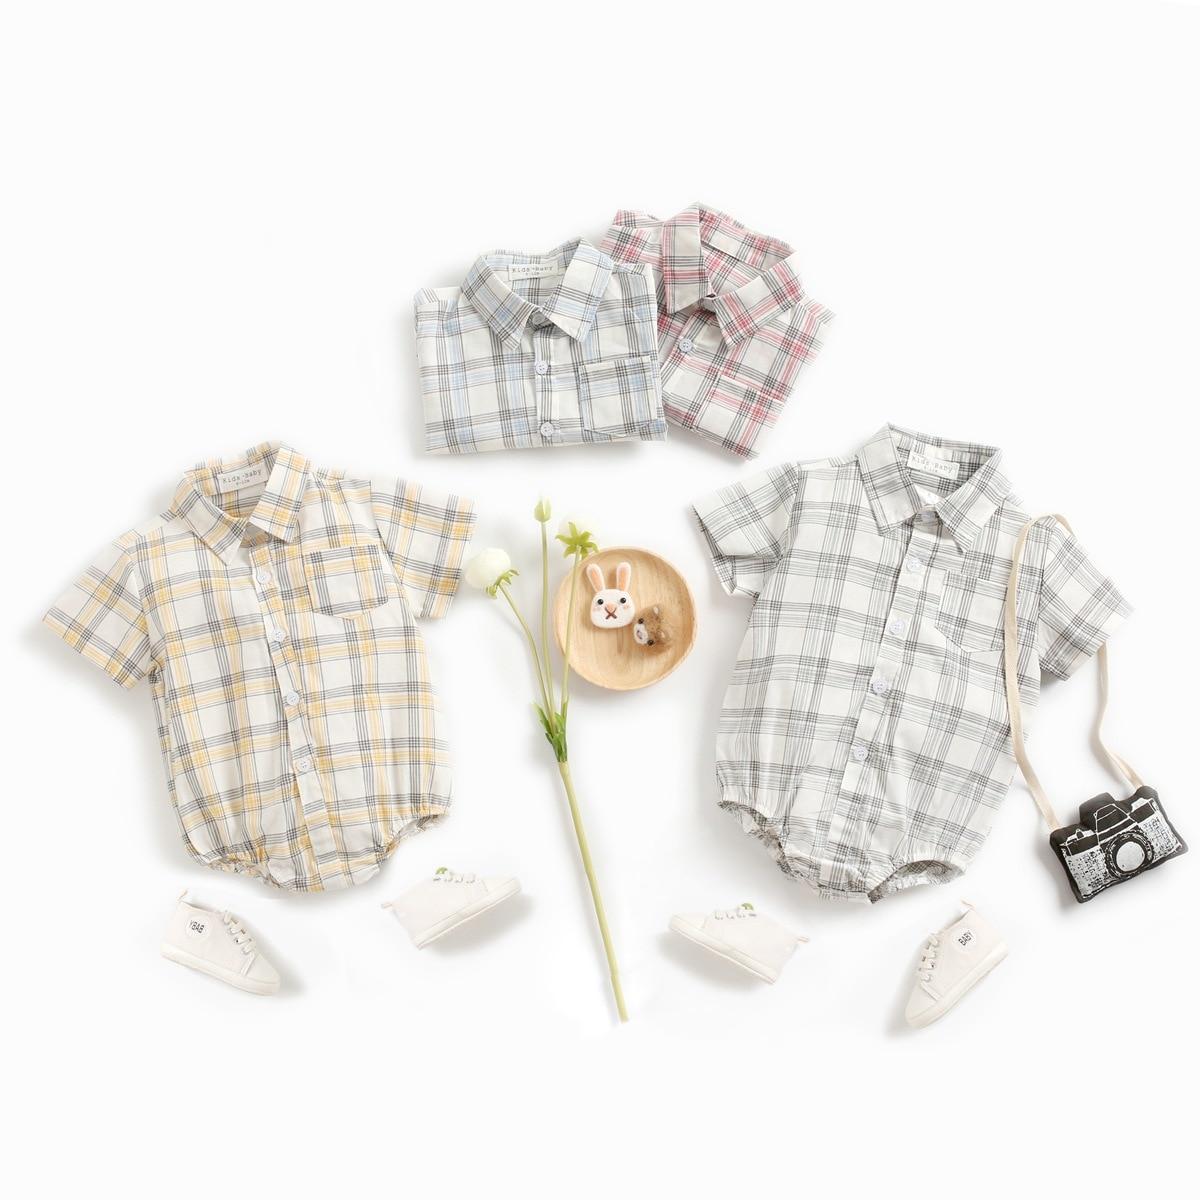 2020 летняя новая одежда для маленьких мальчиков, боди для новорожденных, повседневная одежда в клетку с короткими рукавами из чистого хлопка...